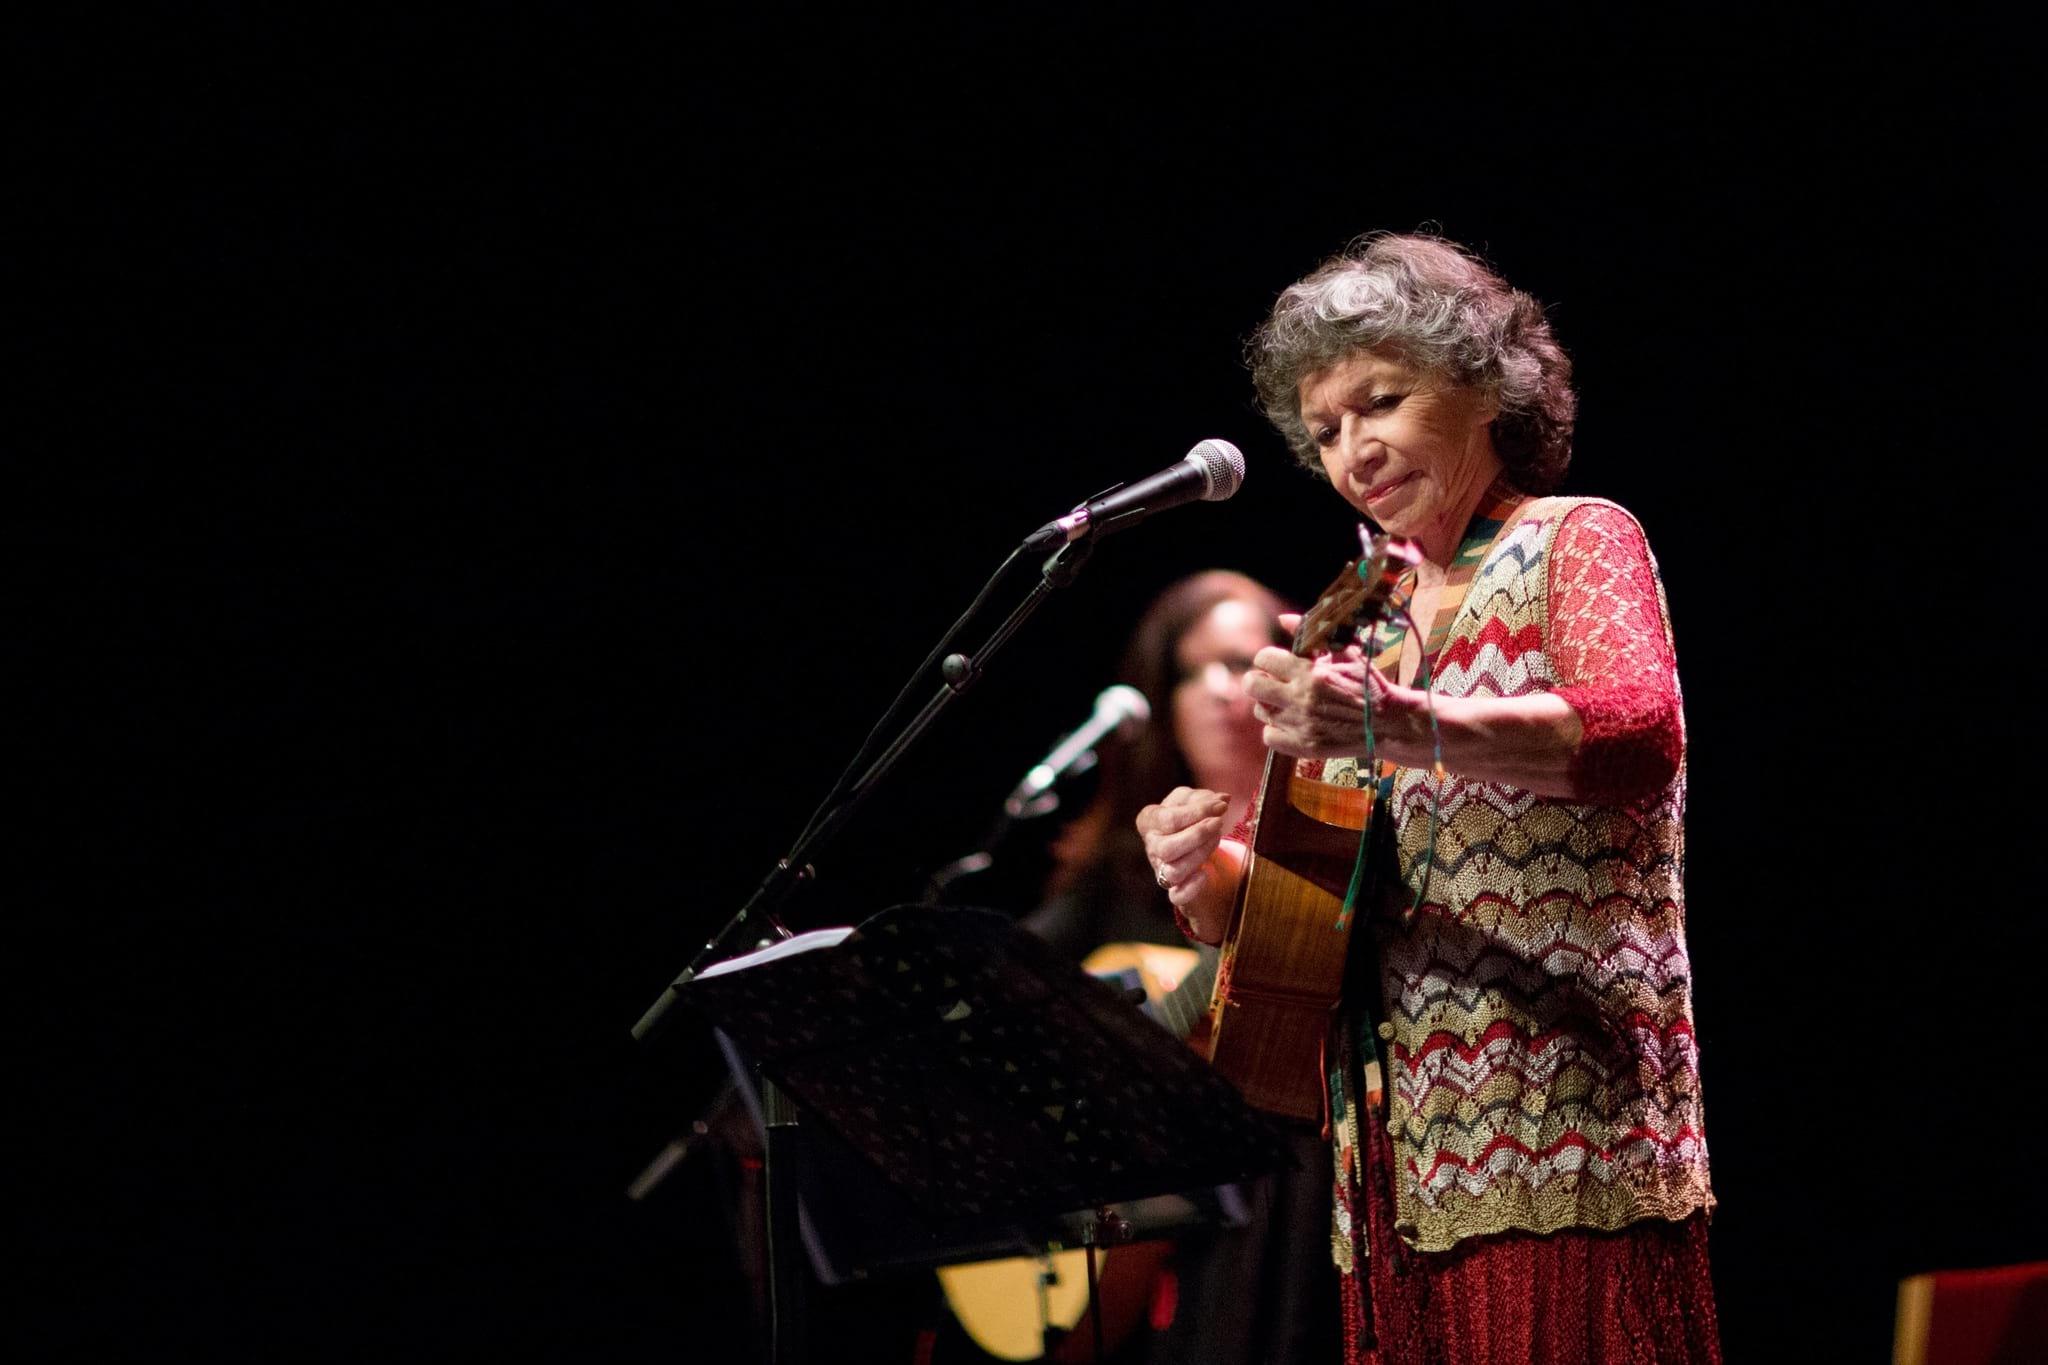 PÚBLICO - Graças à vida e à música ainda temos Violeta para mais séculos